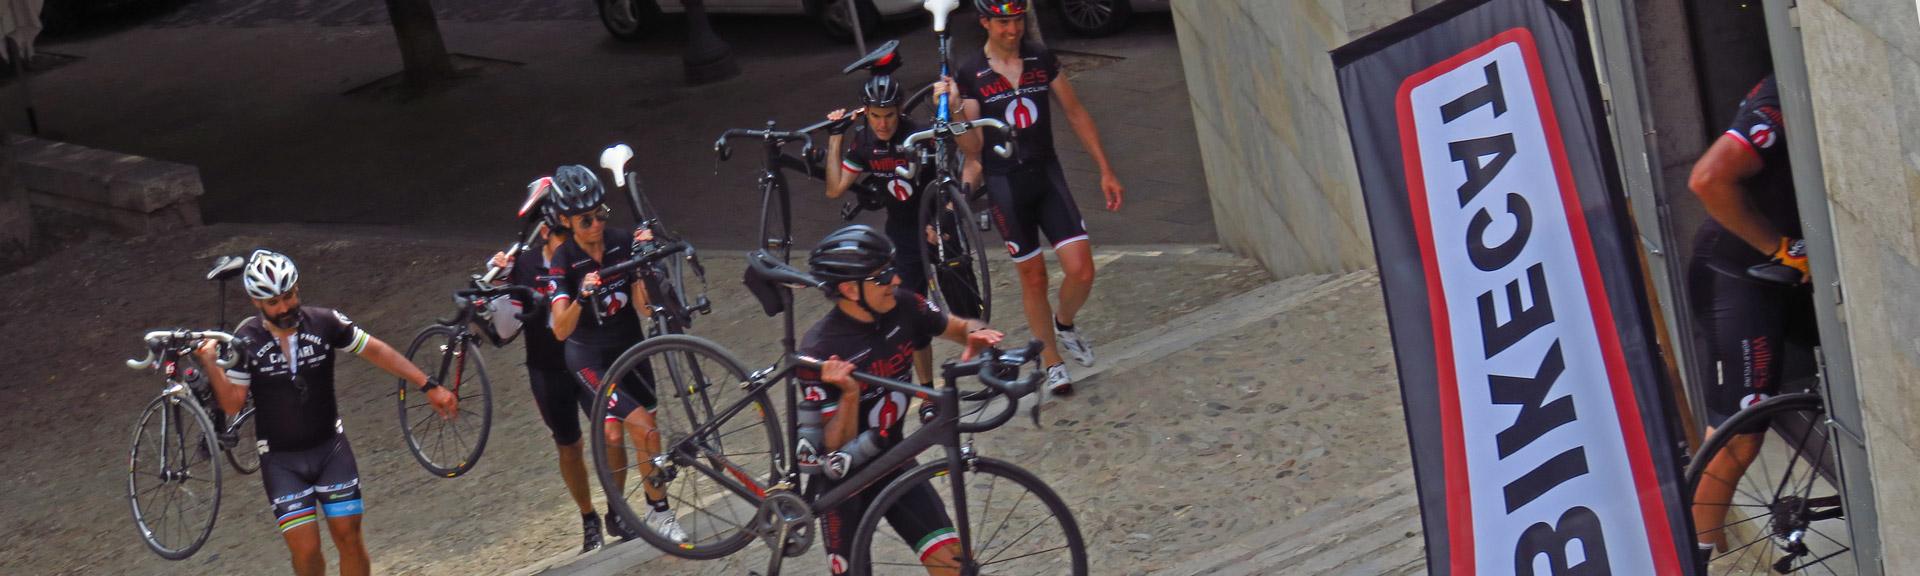 returning to BIkecat Bike shop in Girona